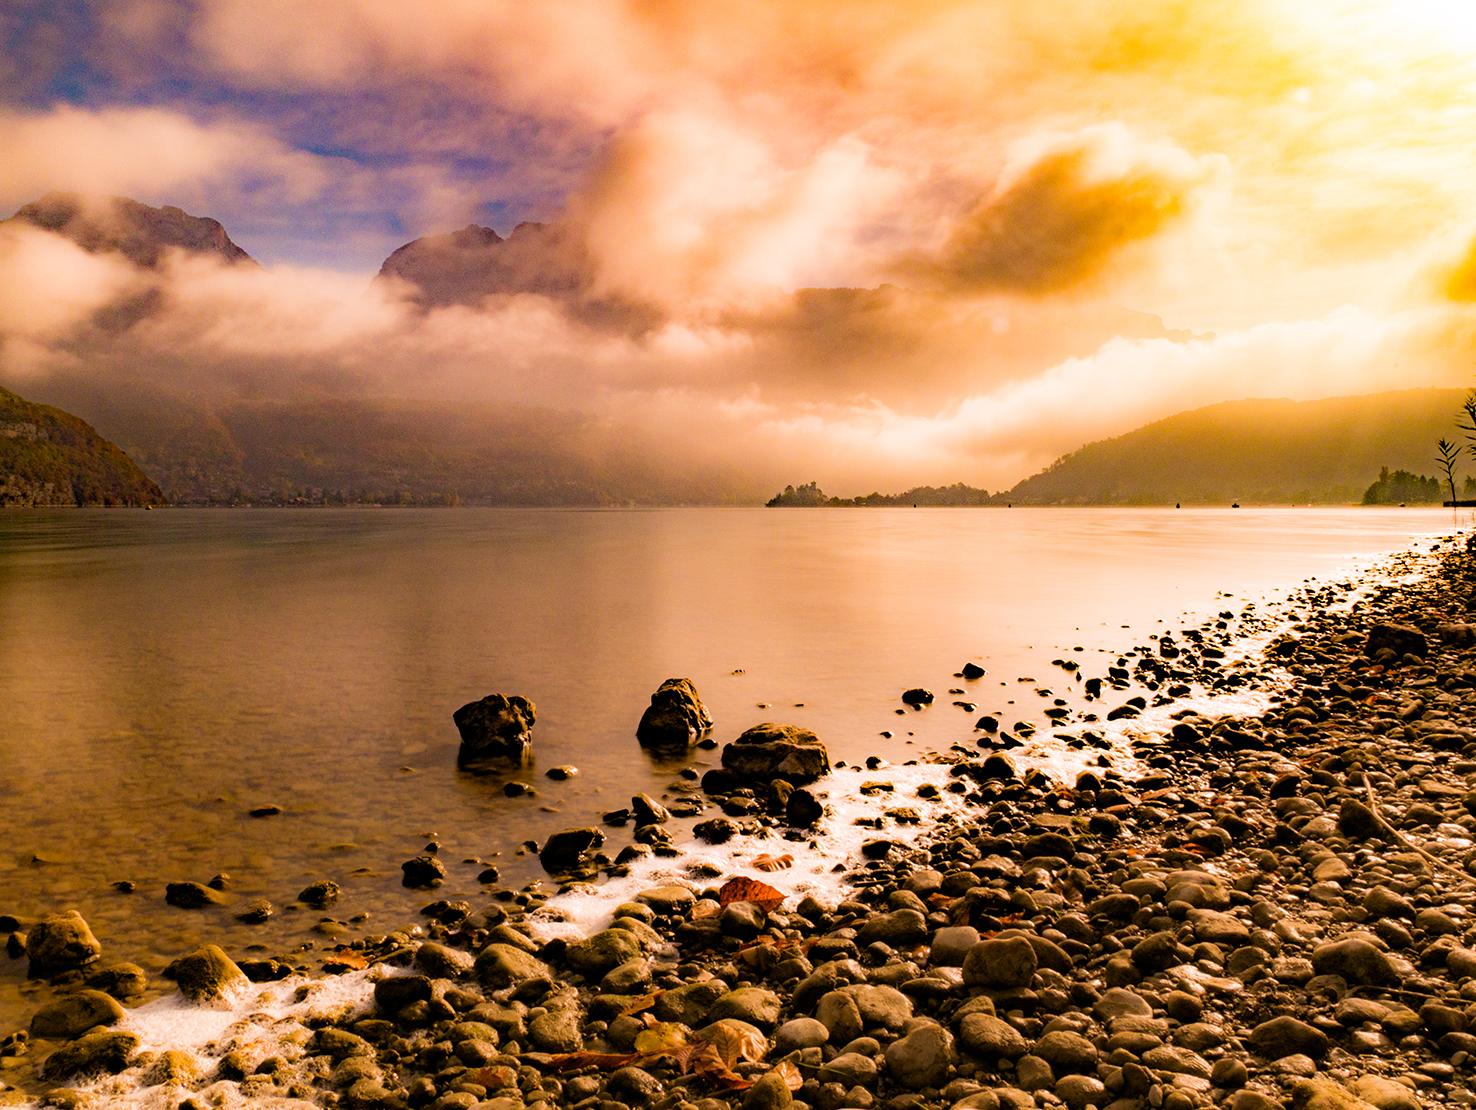 St Jorioz nuages soleil-3T